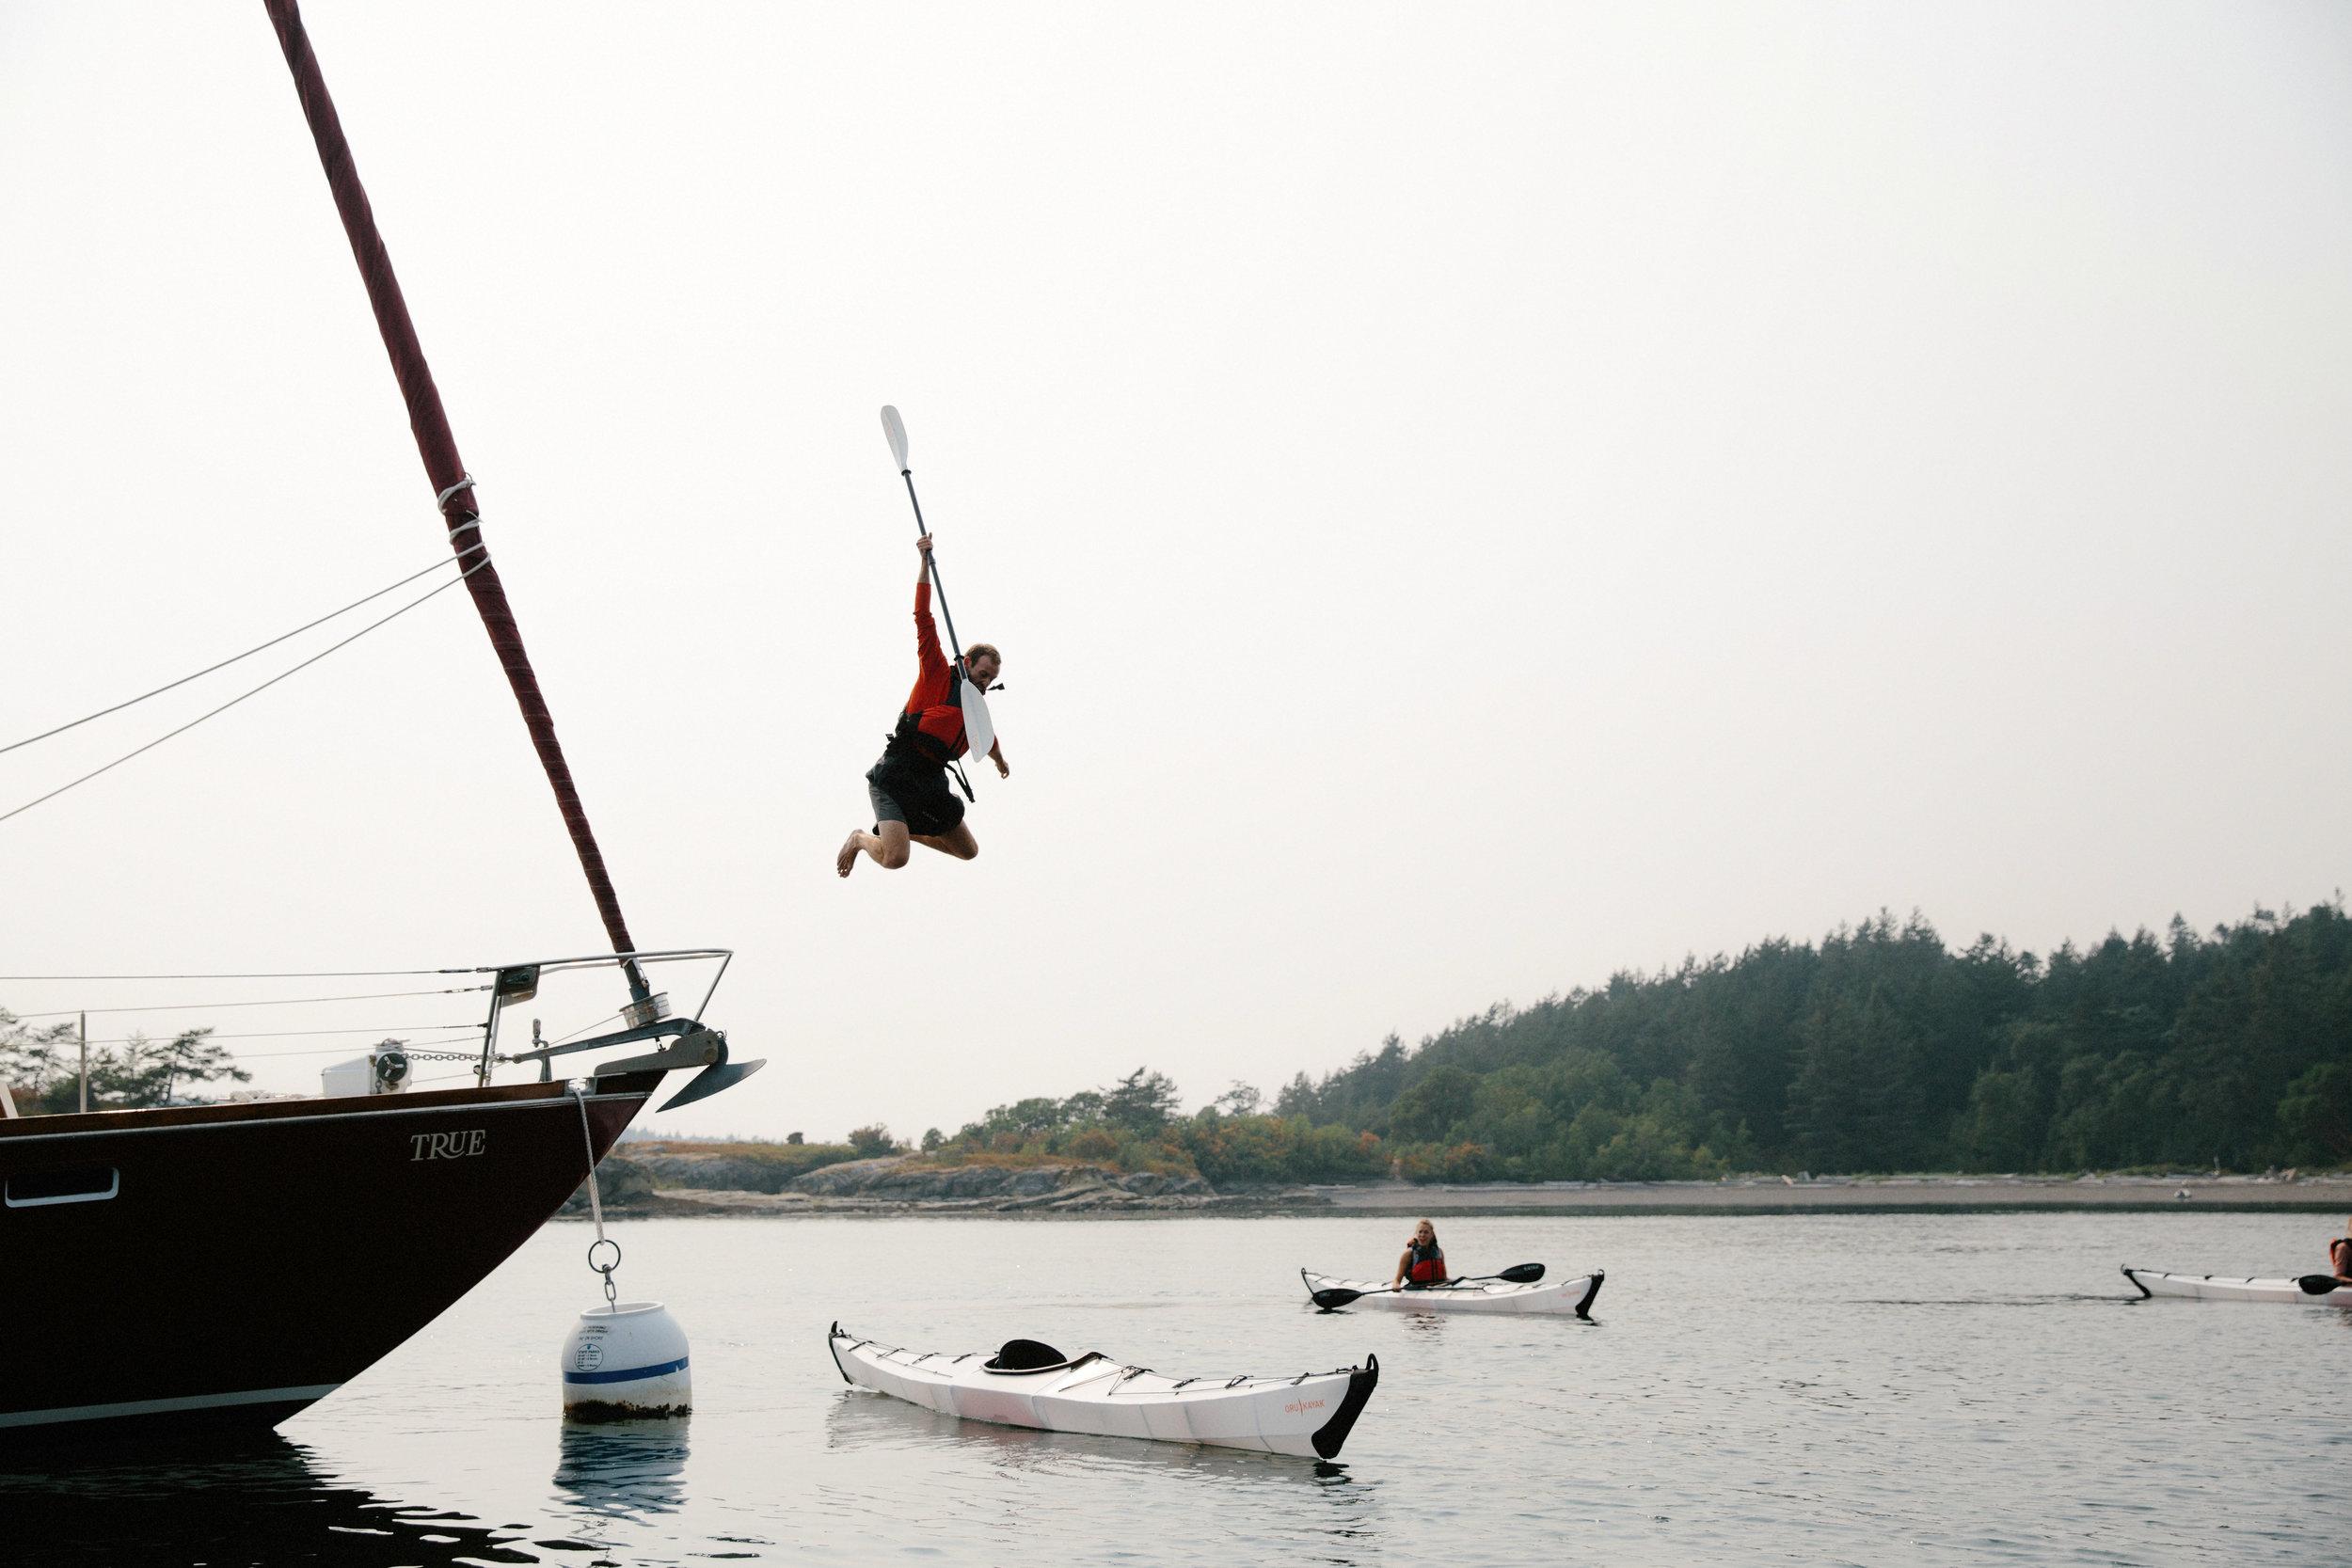 Jumping off sailboat